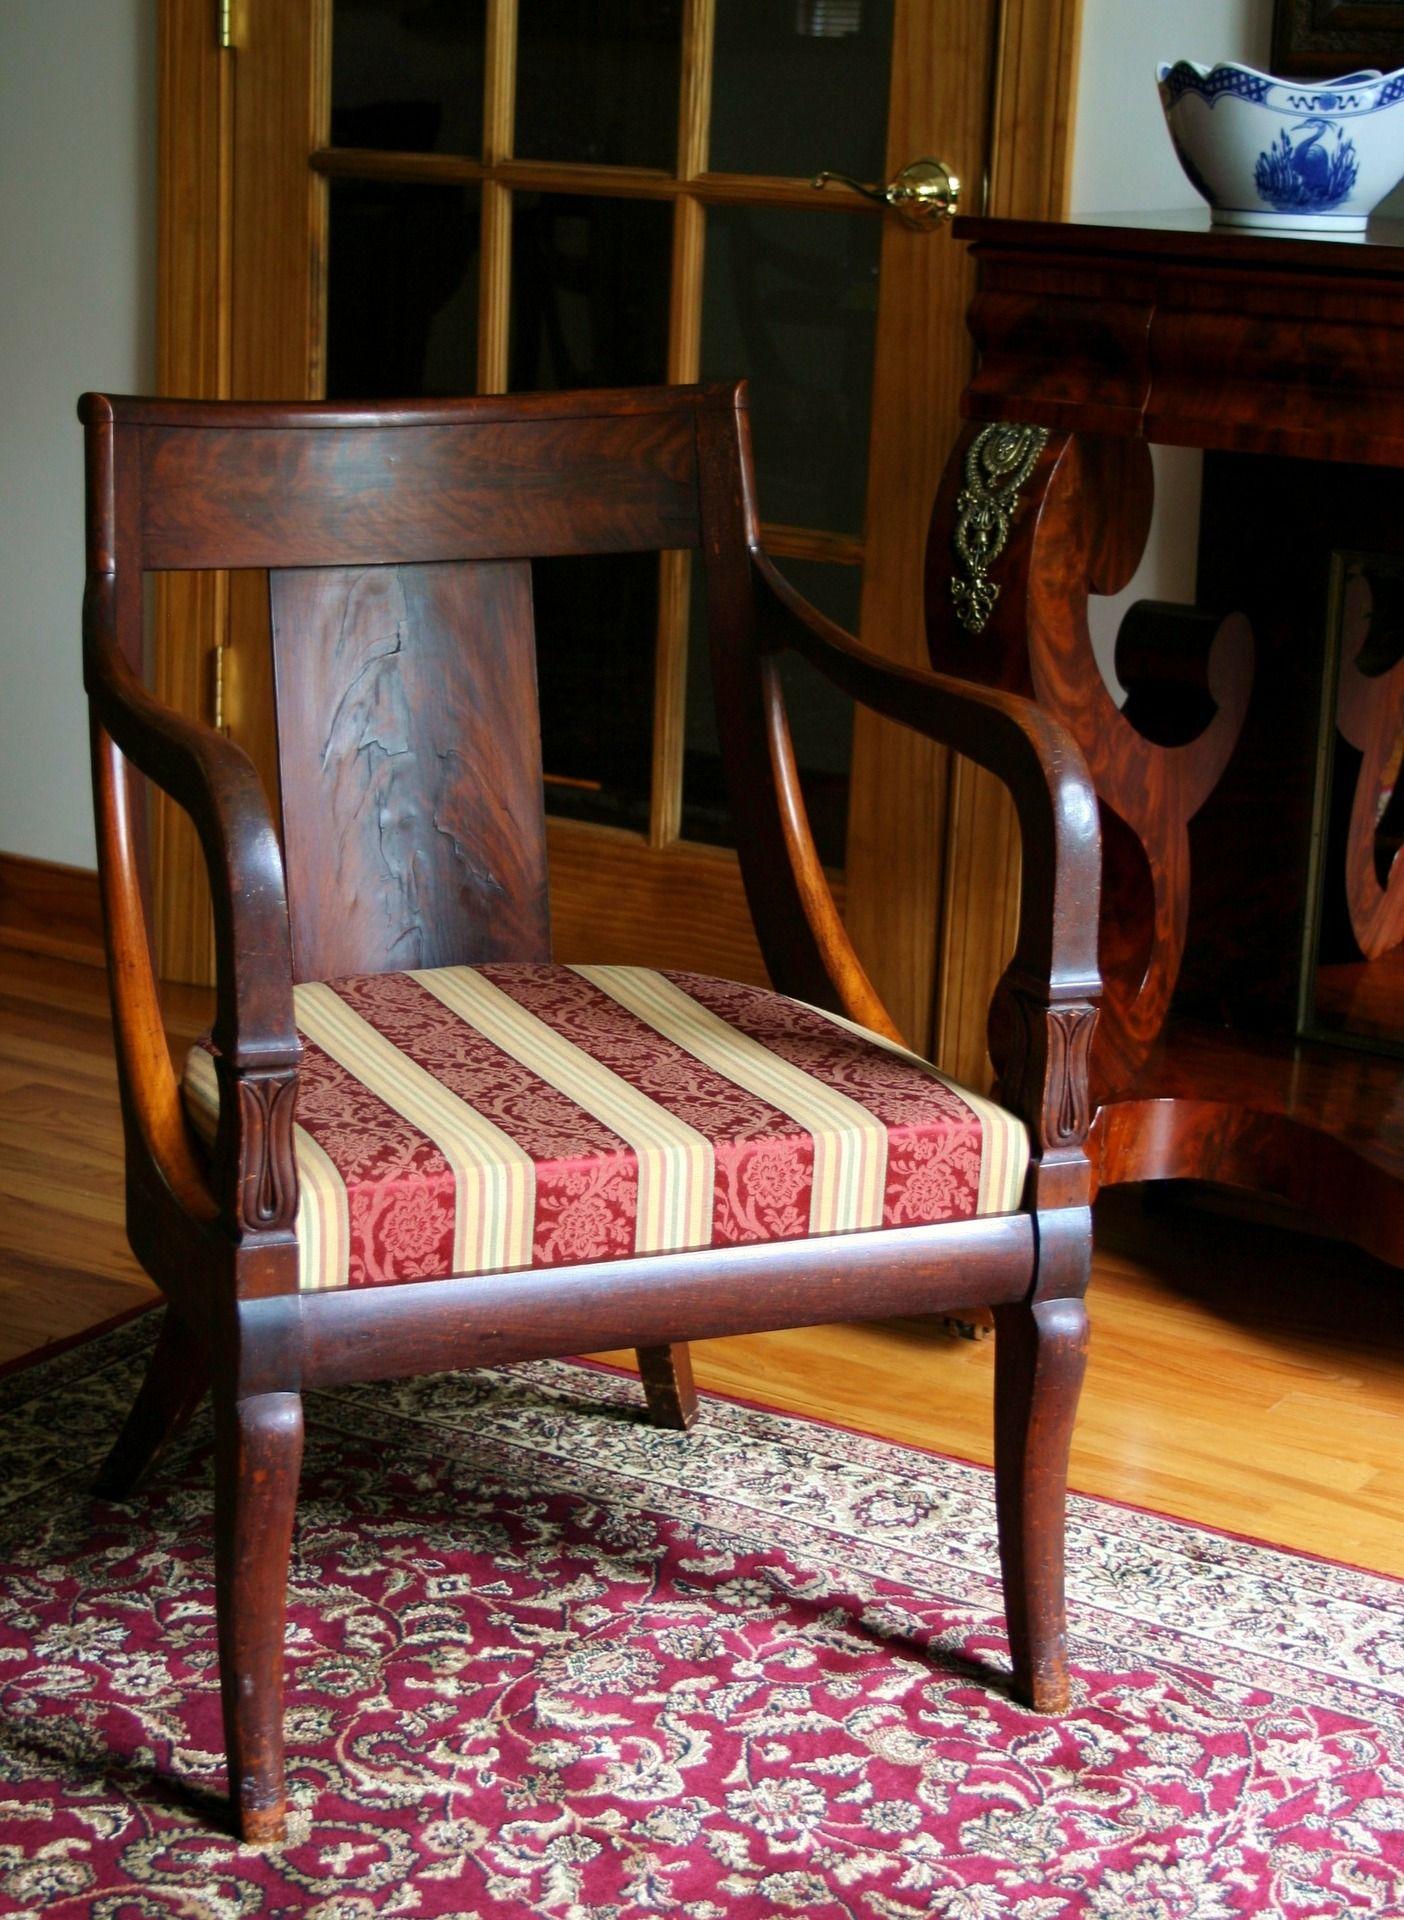 Muebles de segunda mano en asturias las ventajas de comprarlos - Muebles de segunda mano en asturias ...